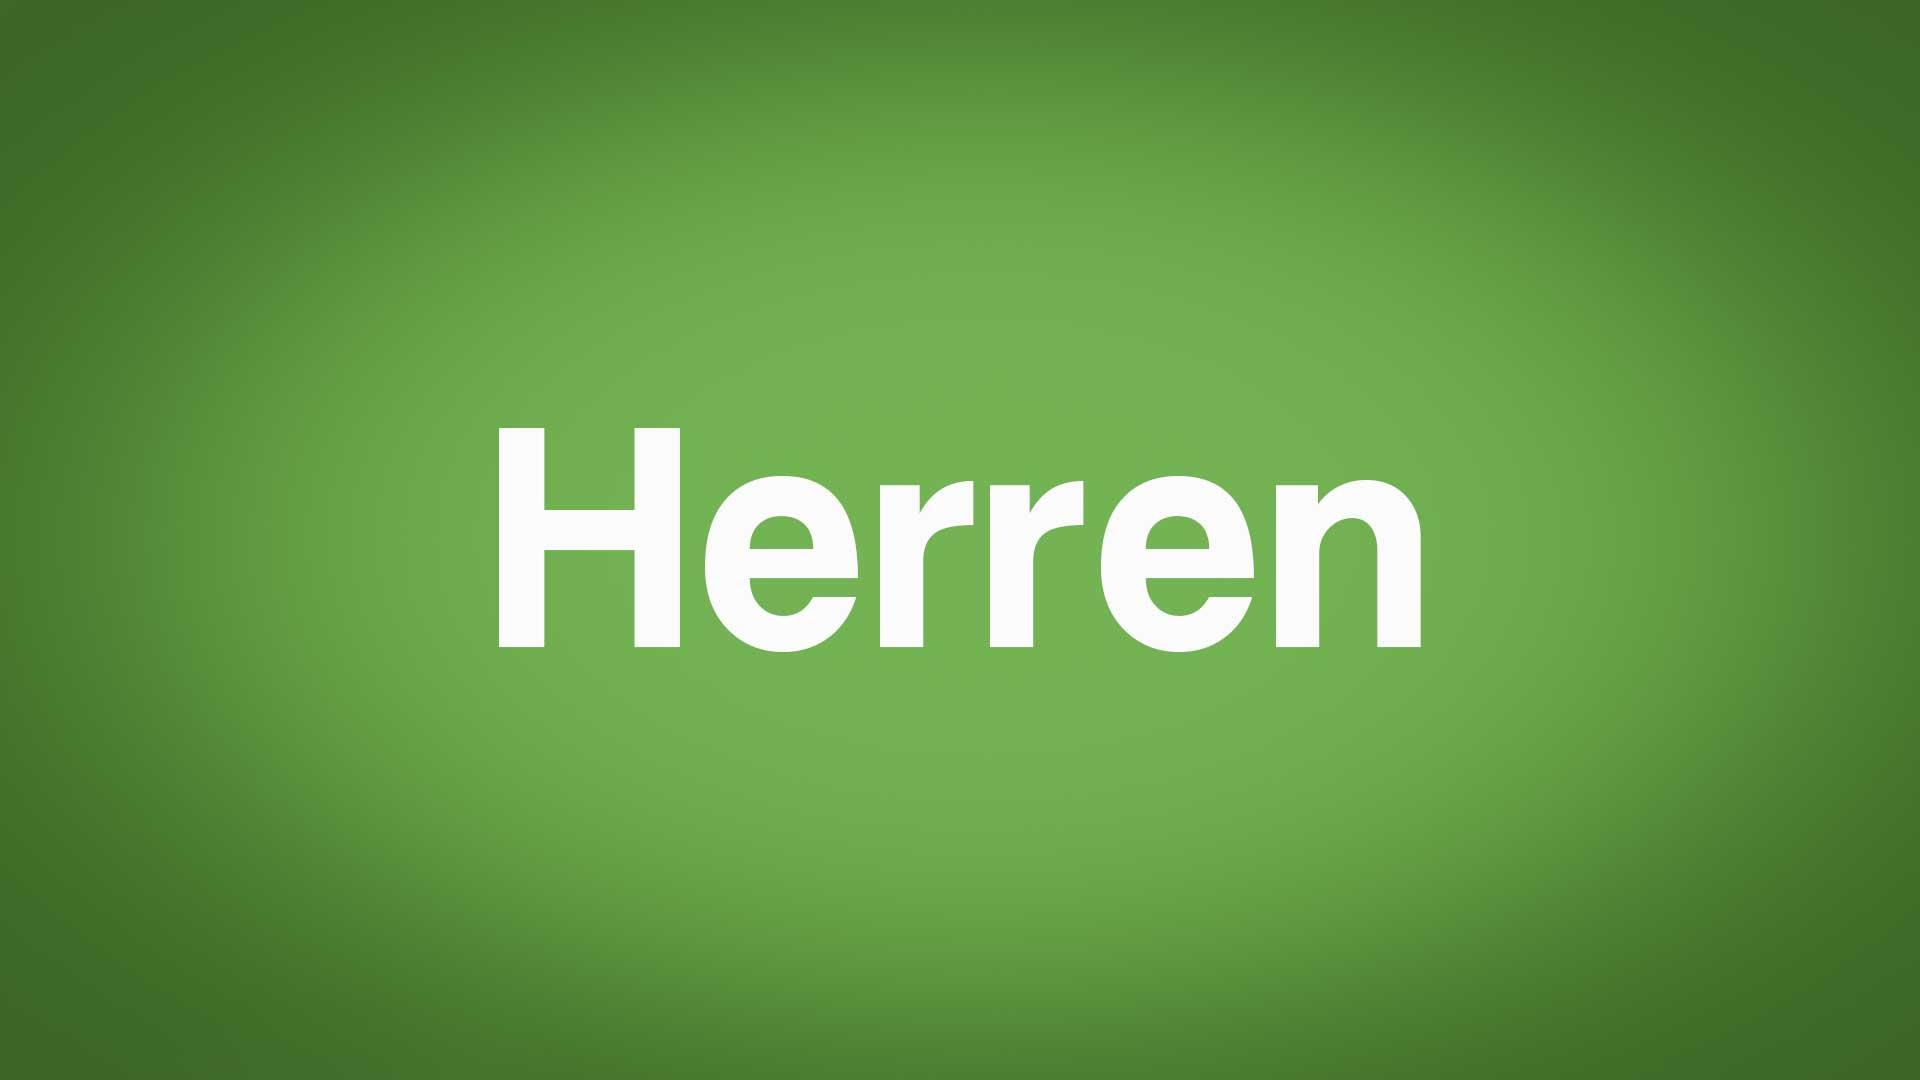 Herren_Clicker